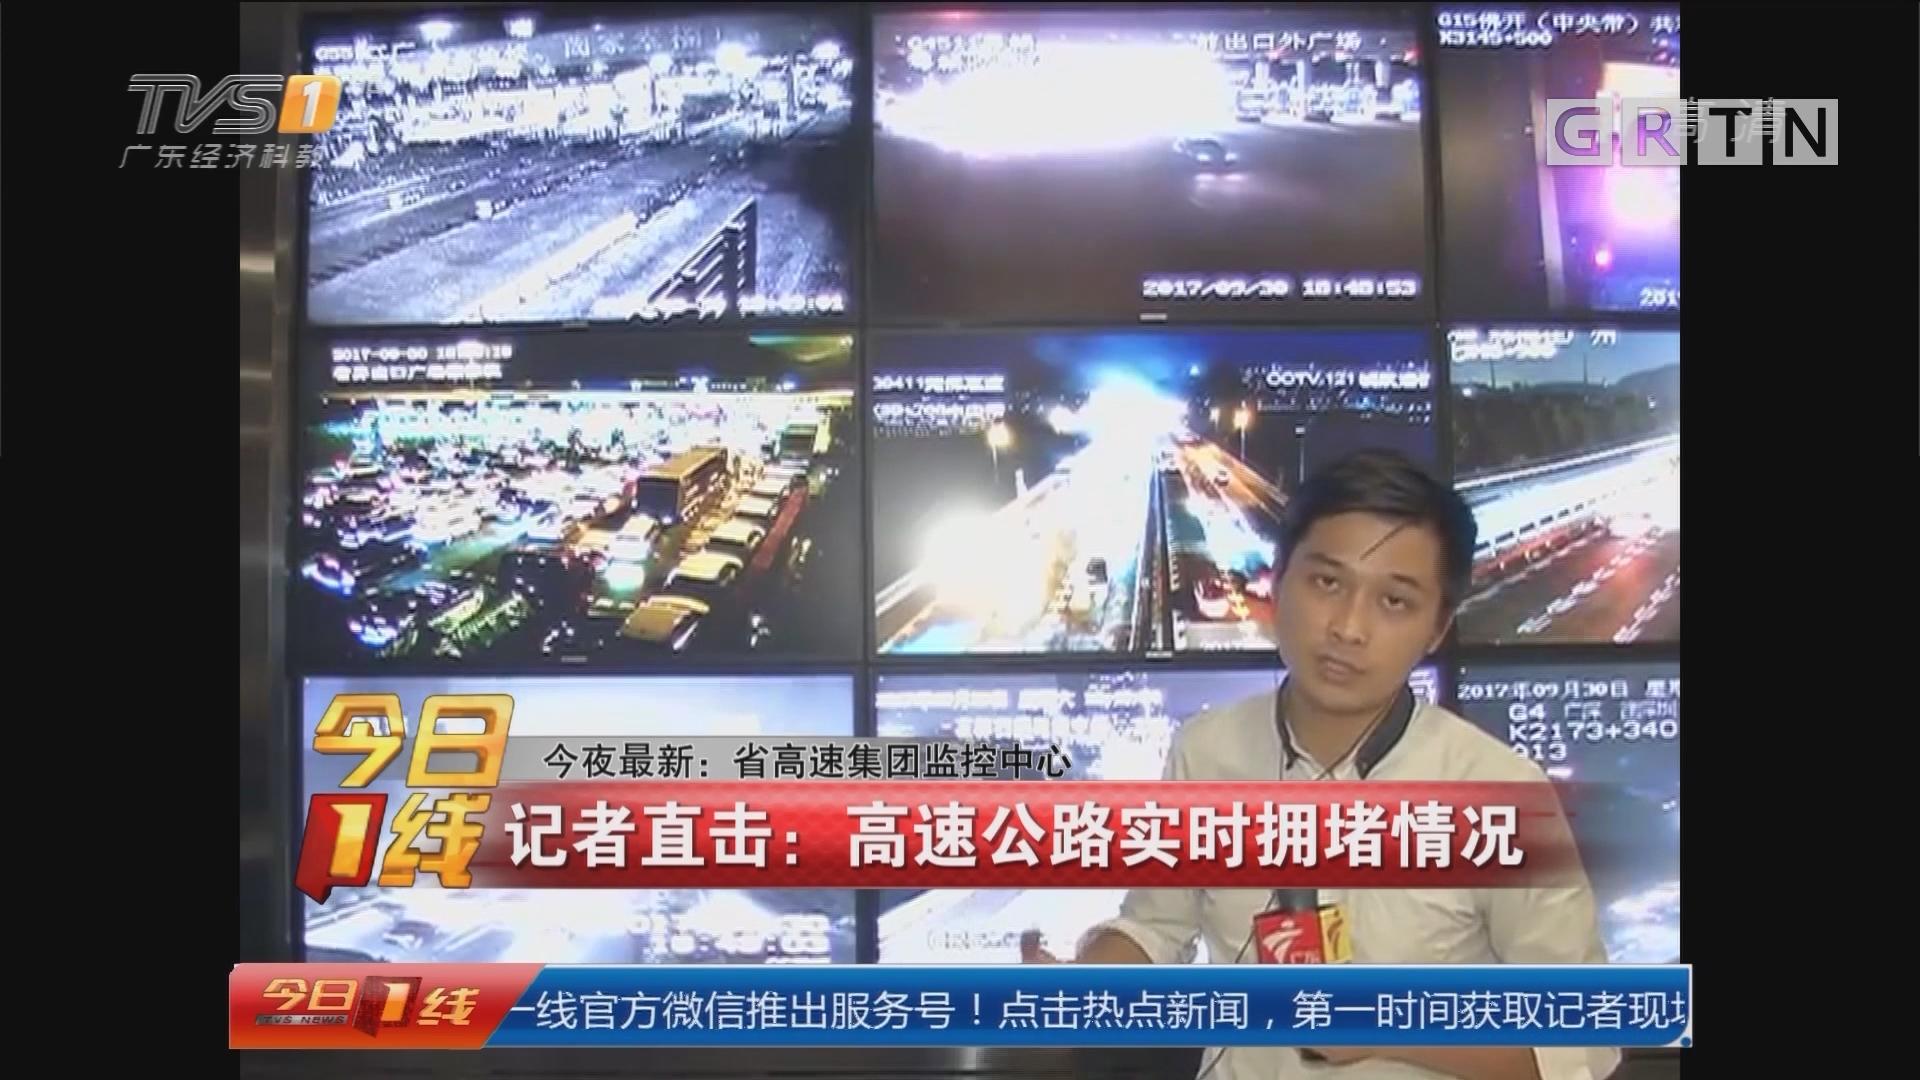 今夜最新:省高速集团监控中心 记者直击:高速公路实时拥堵情况